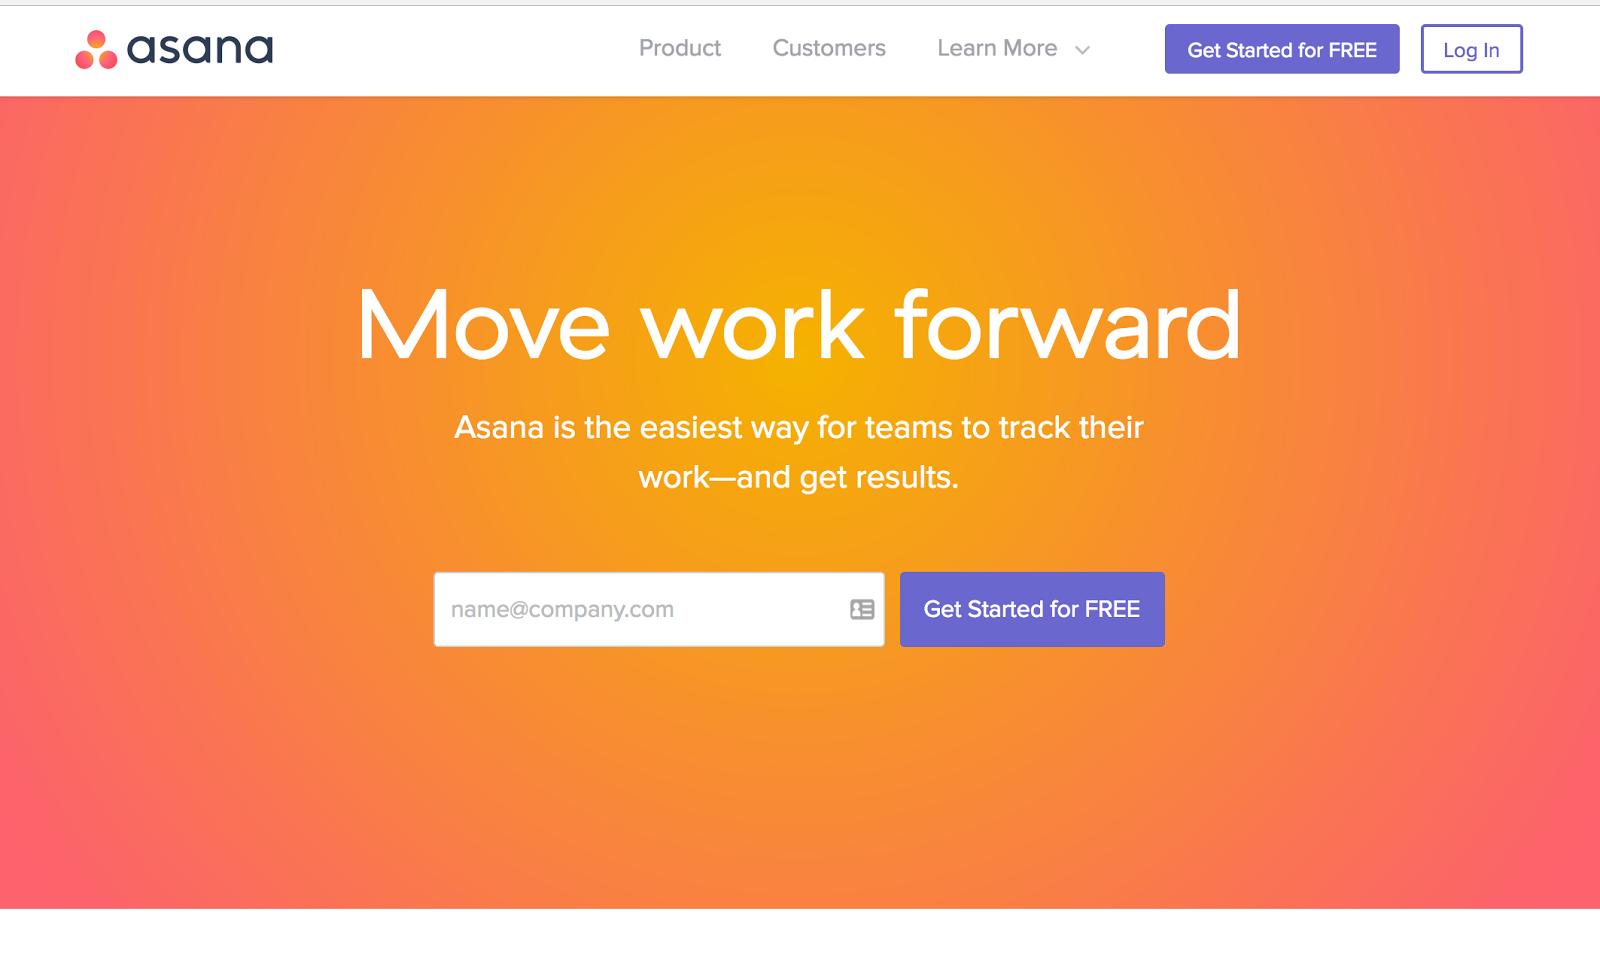 Asana's website is orange as well.